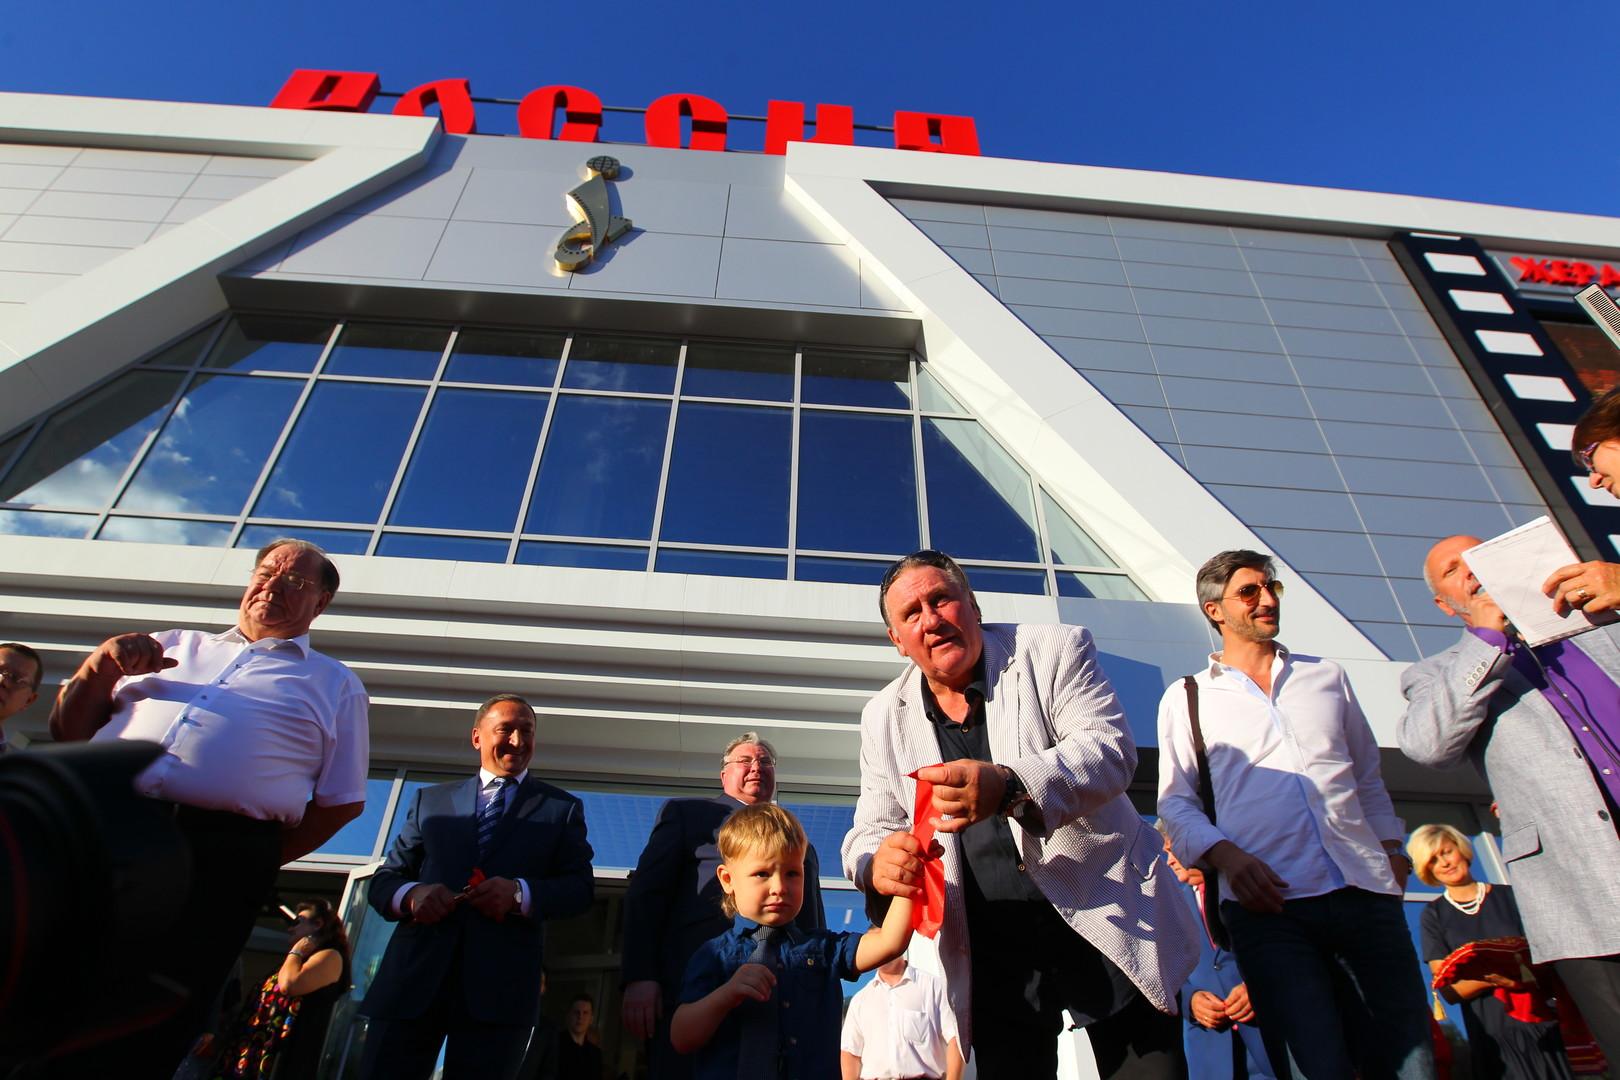 Gérard Depardieu inaugure un centre cinématographique à son nom en Russie (VIDEO)